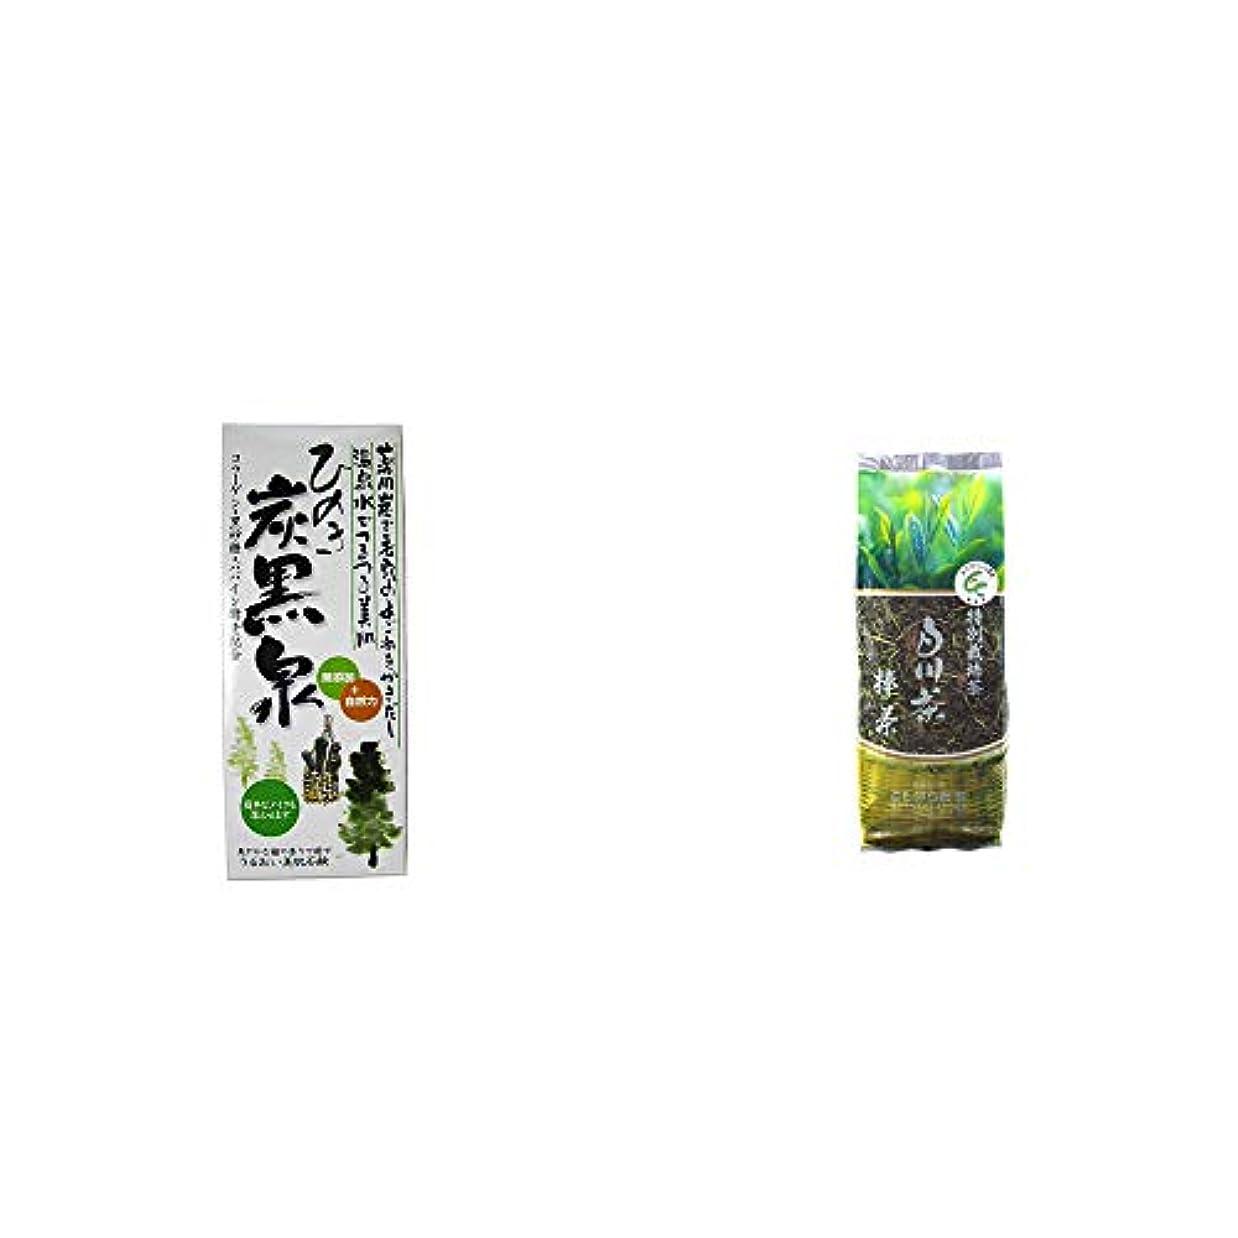 クリスマスバットフォージ[2点セット] ひのき炭黒泉 箱入り(75g×3)?白川茶 特別栽培茶【棒茶】(150g)